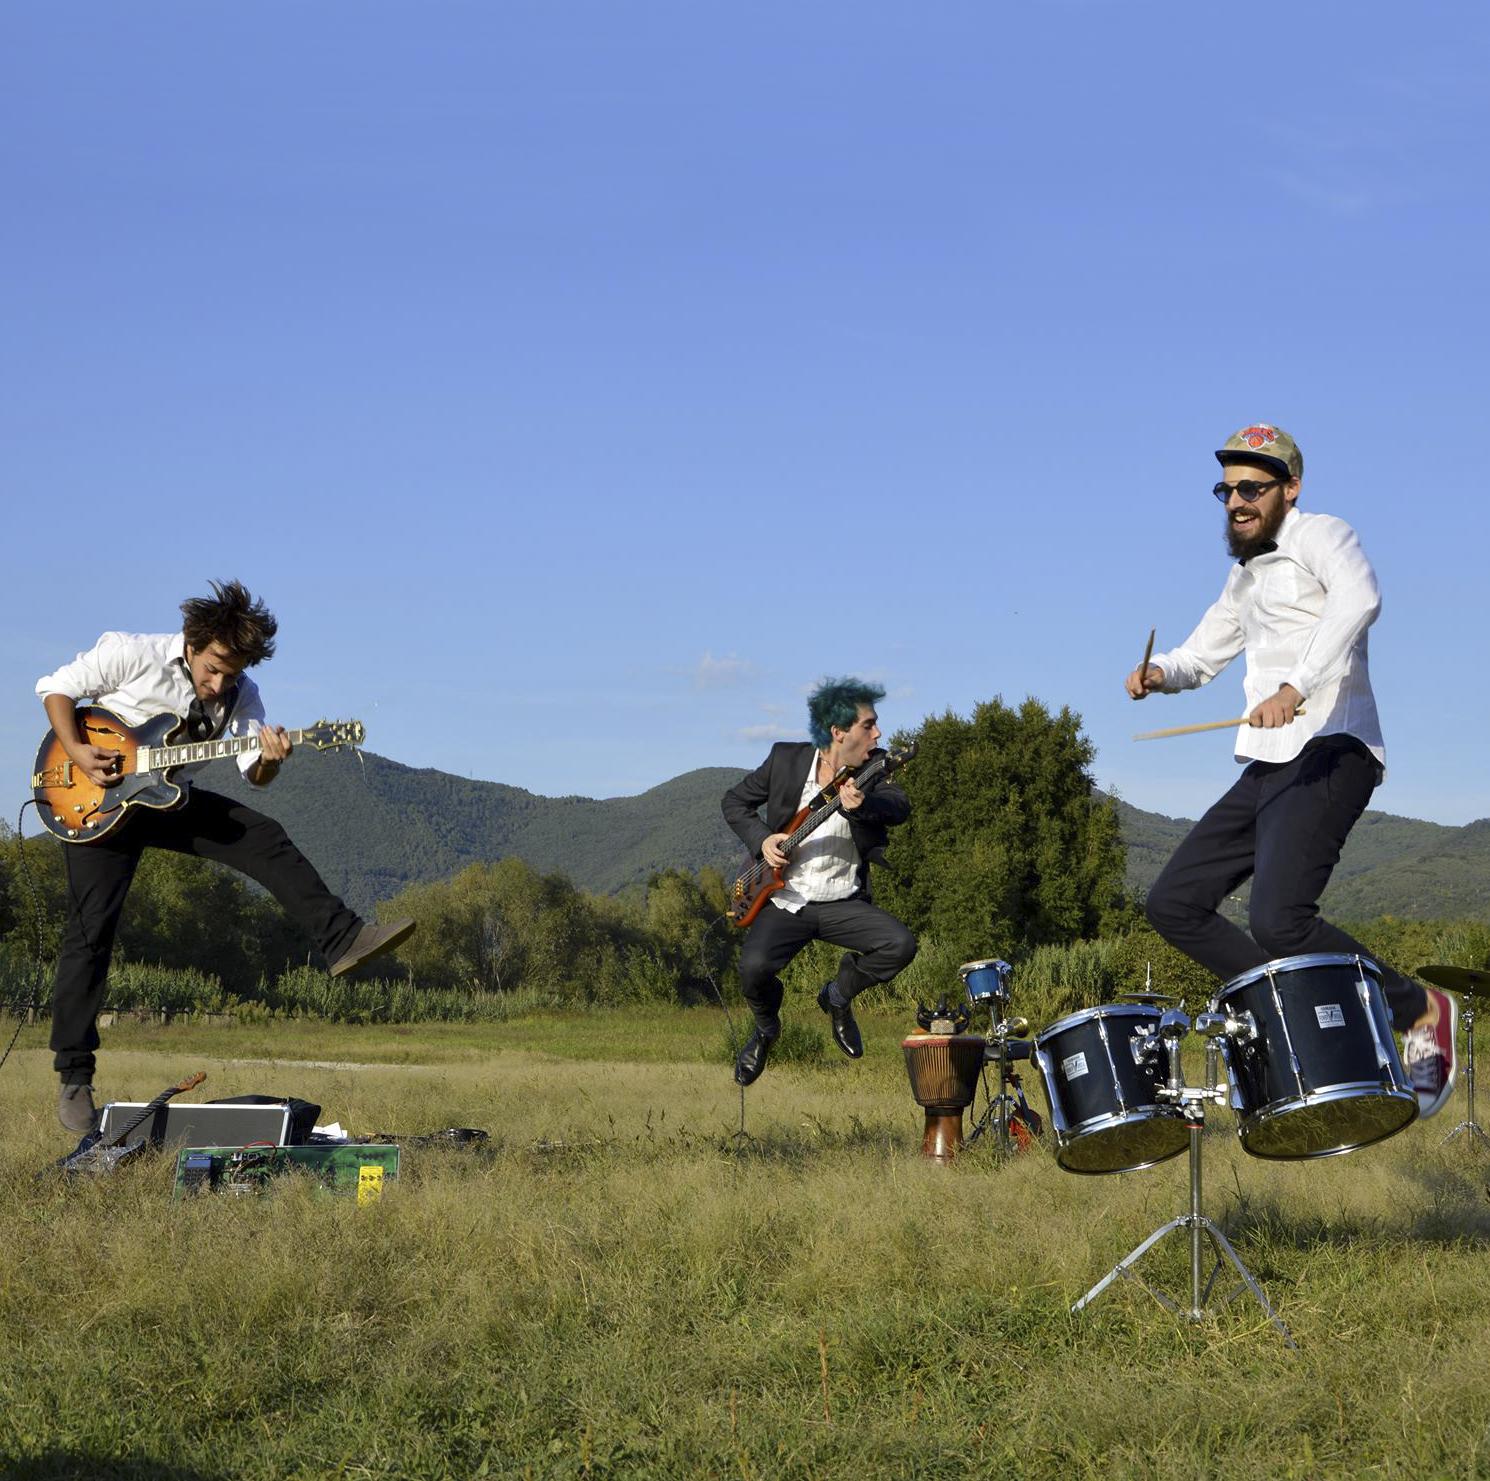 Acustica Band